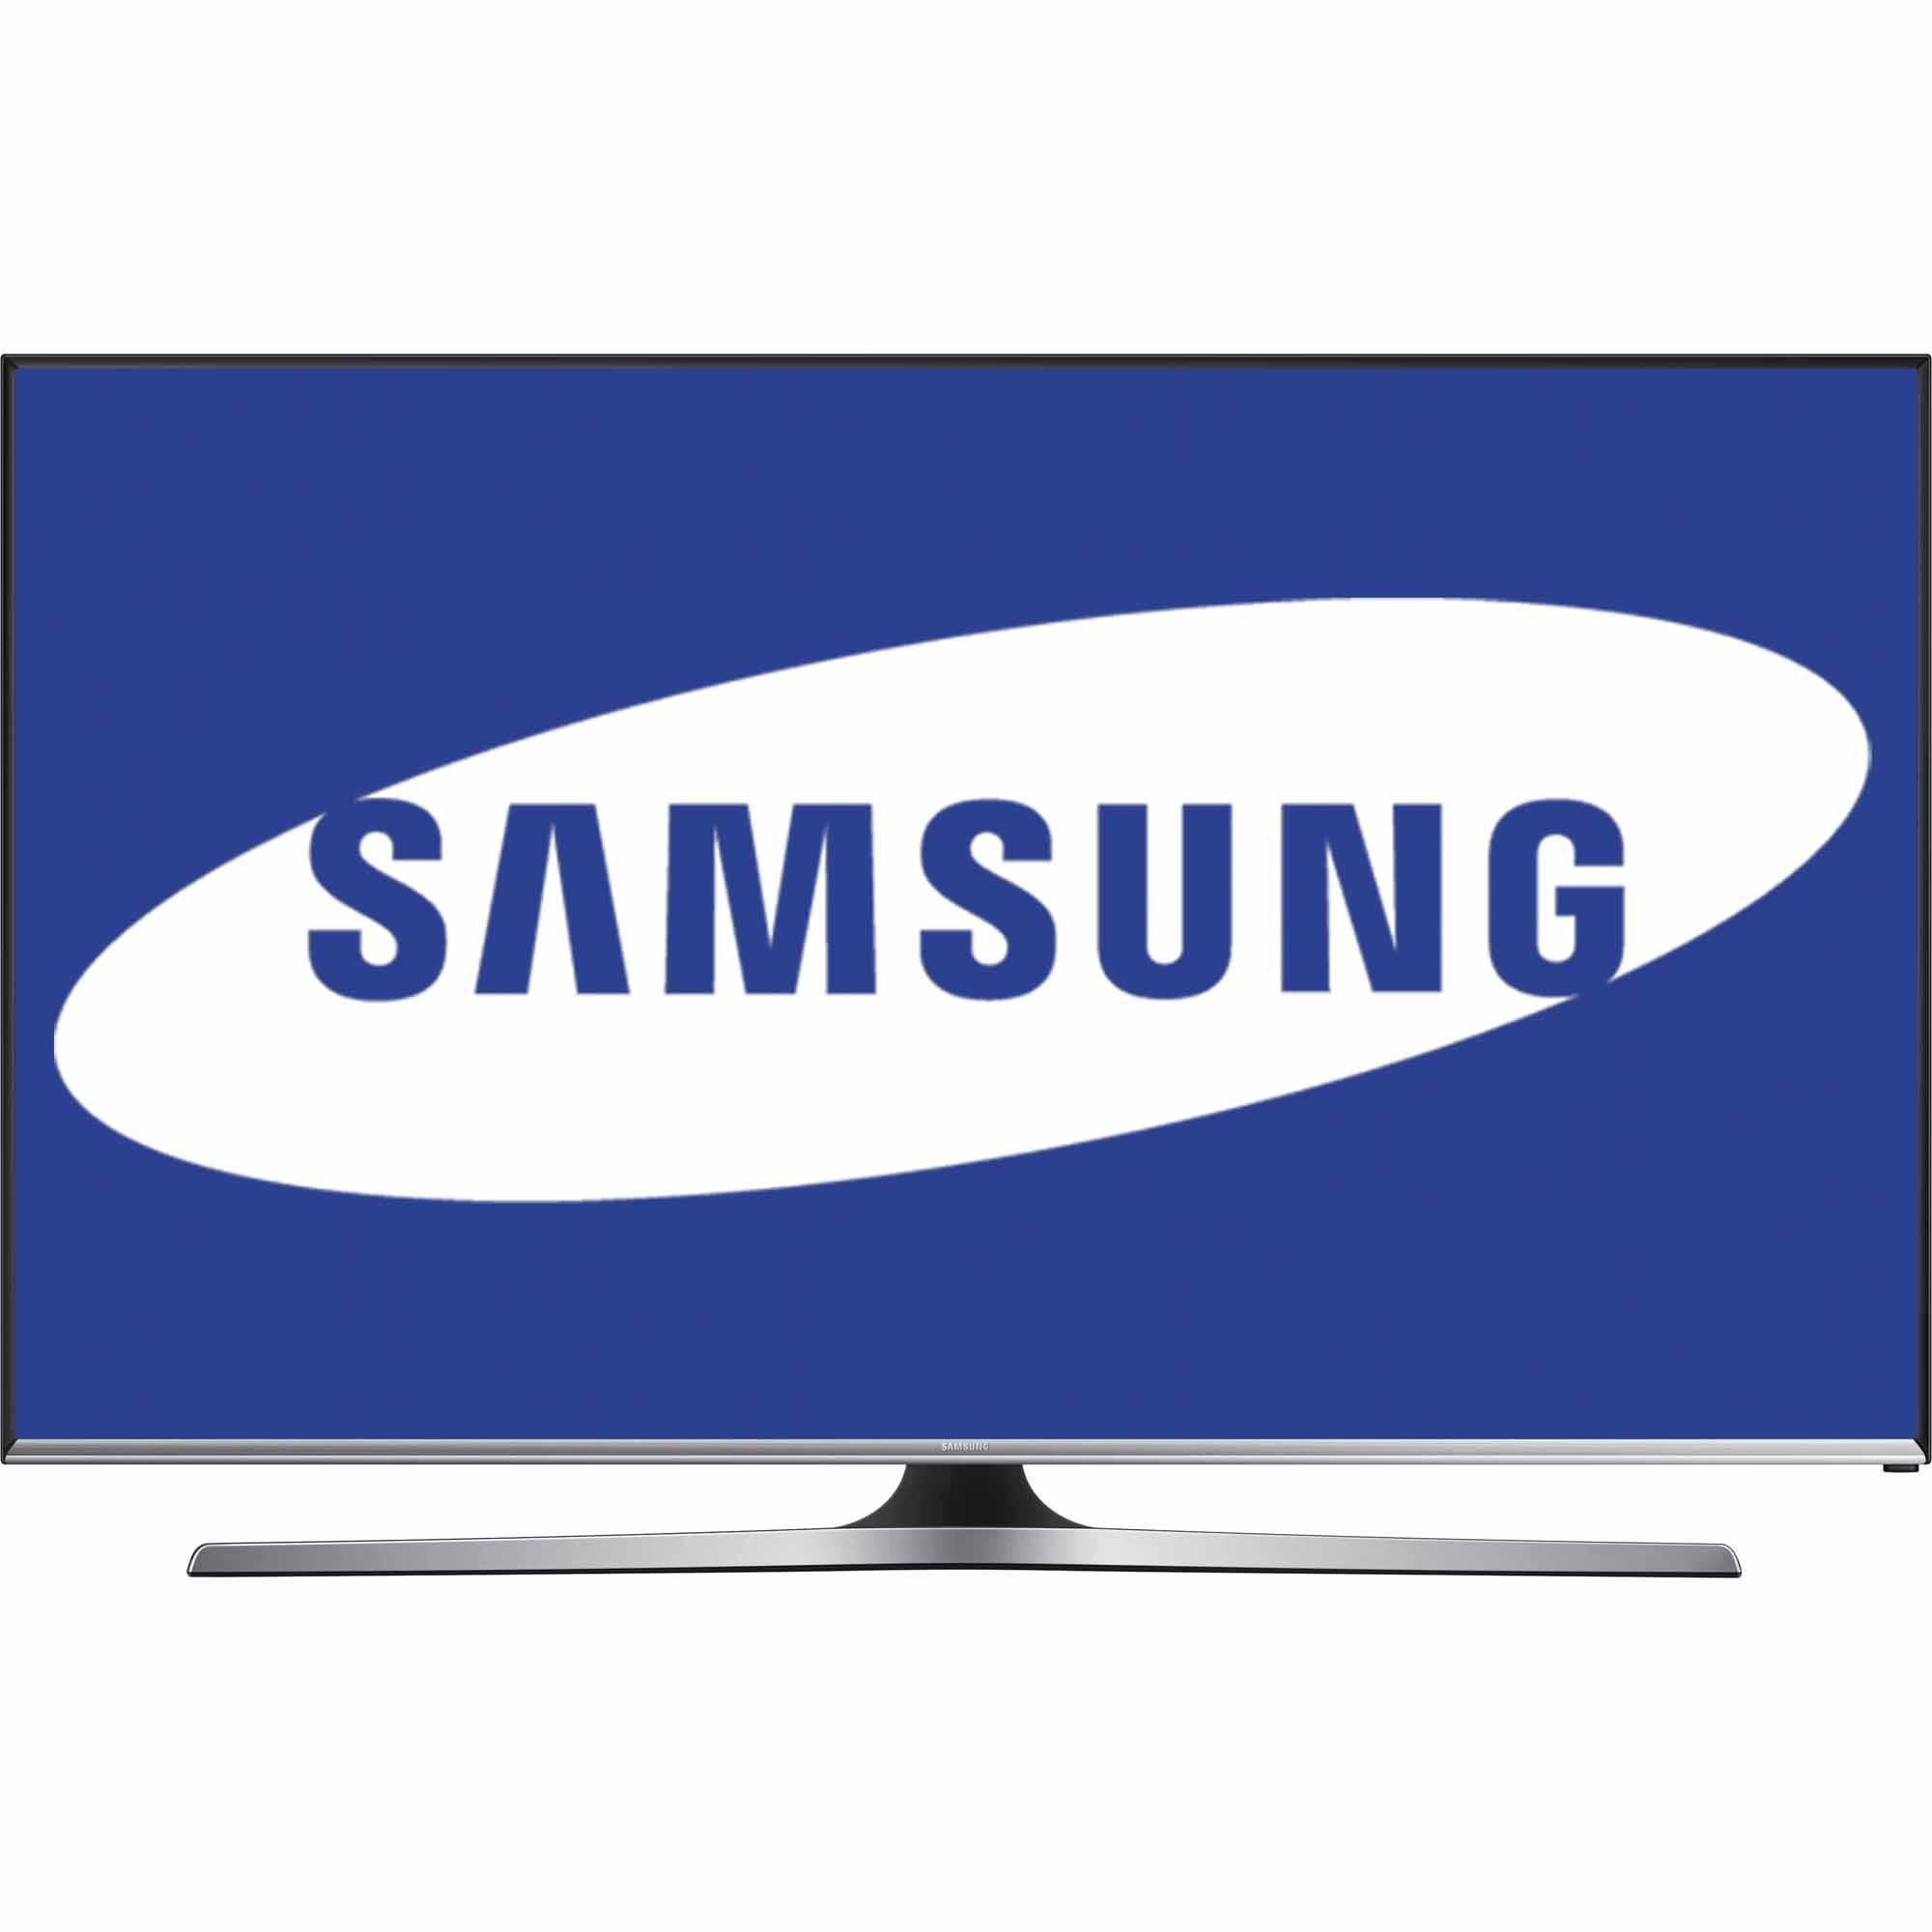 Samsung 50 Class 1080p LED Smart Hdtv - UN50J5500